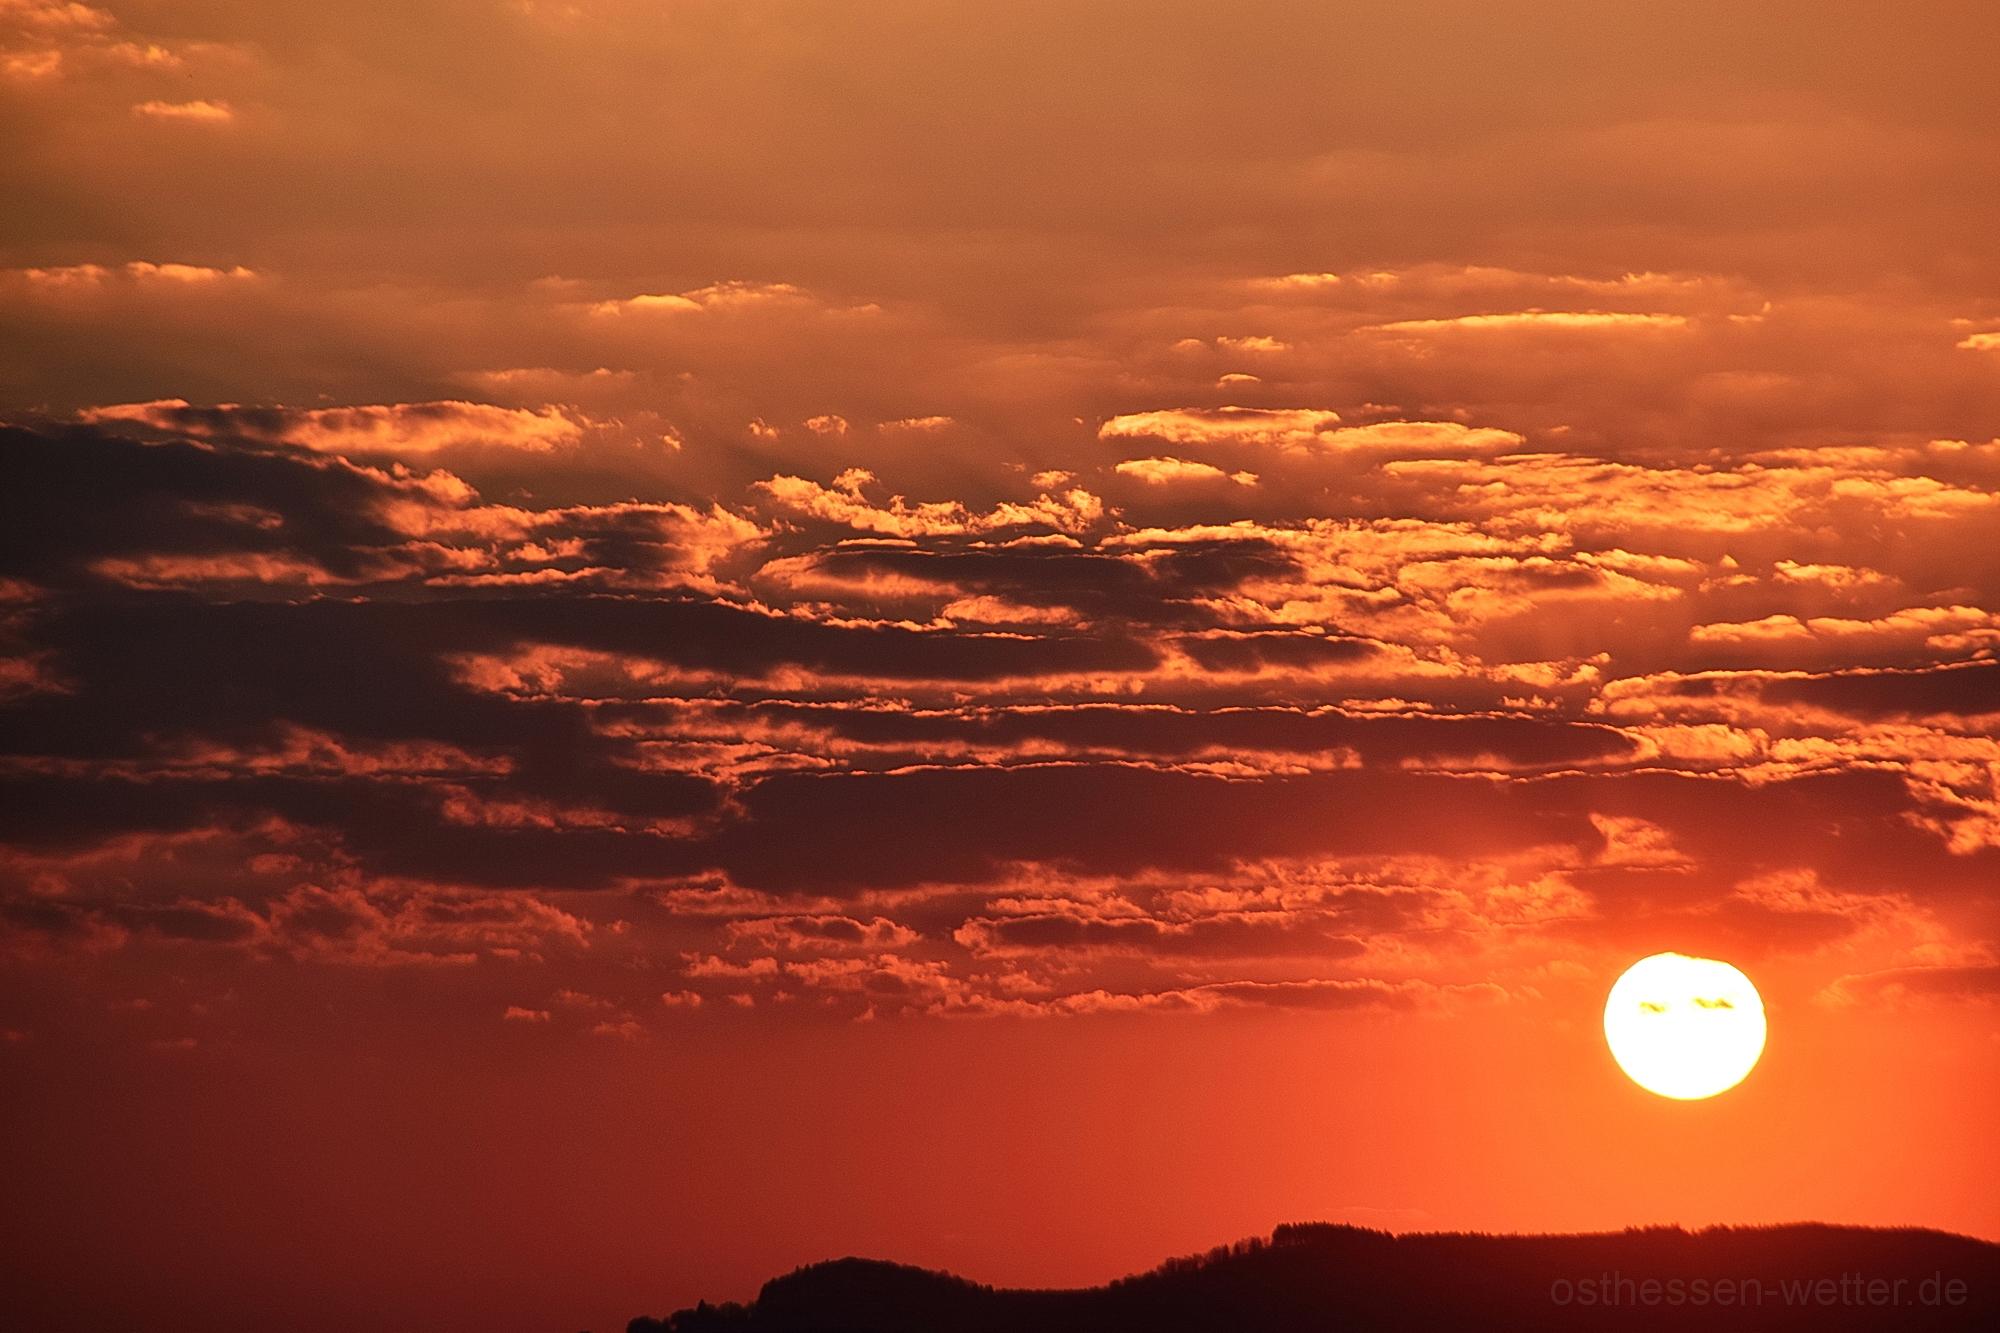 Sonnenaufgang am 09.04.2020 um 06:53:55 CEST